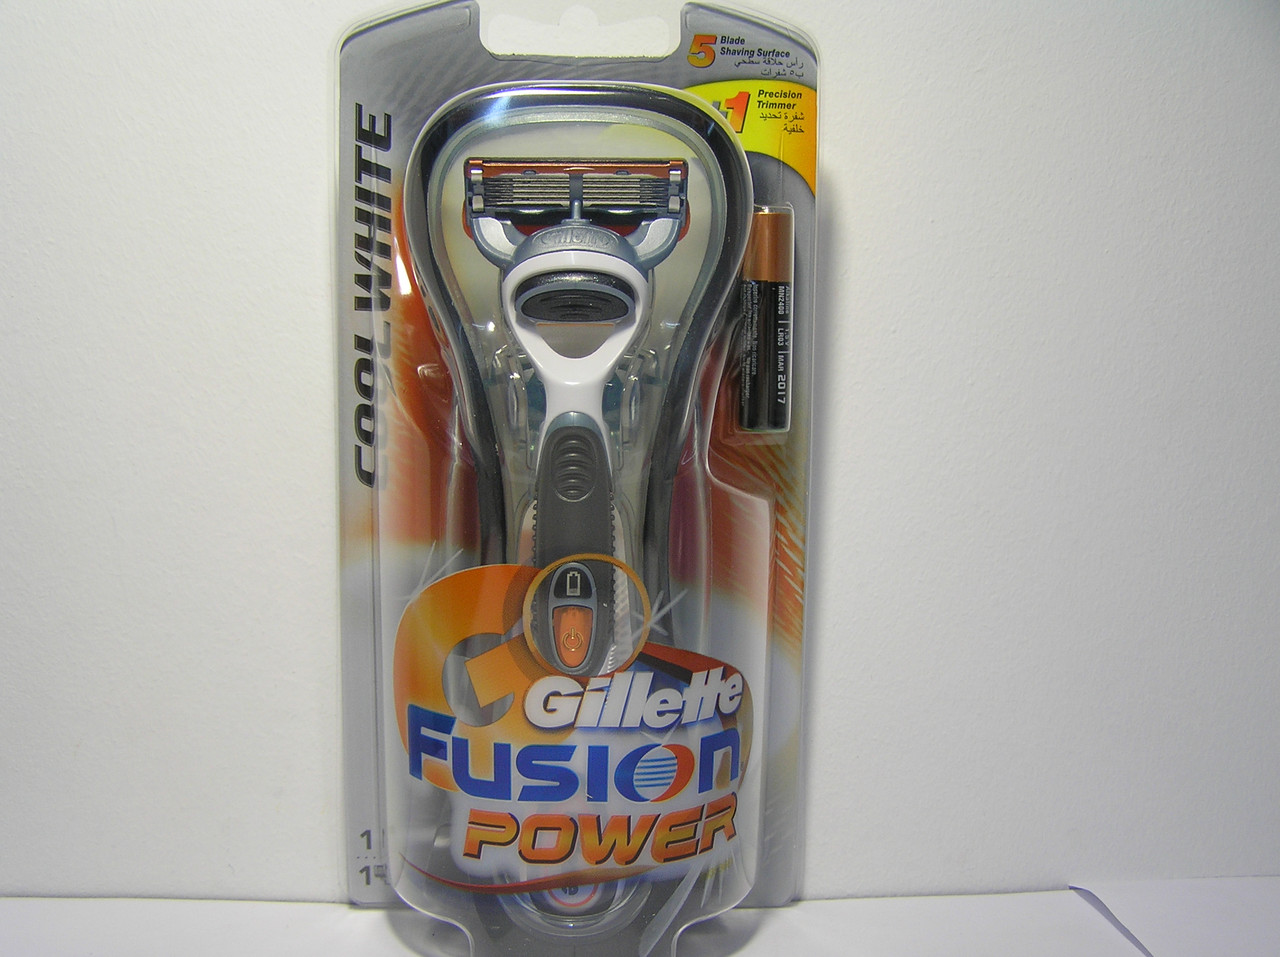 Cтанок мужской для бритья Gillette Fusion Power CoolWhite (Жиллет станок + 1 картридж)